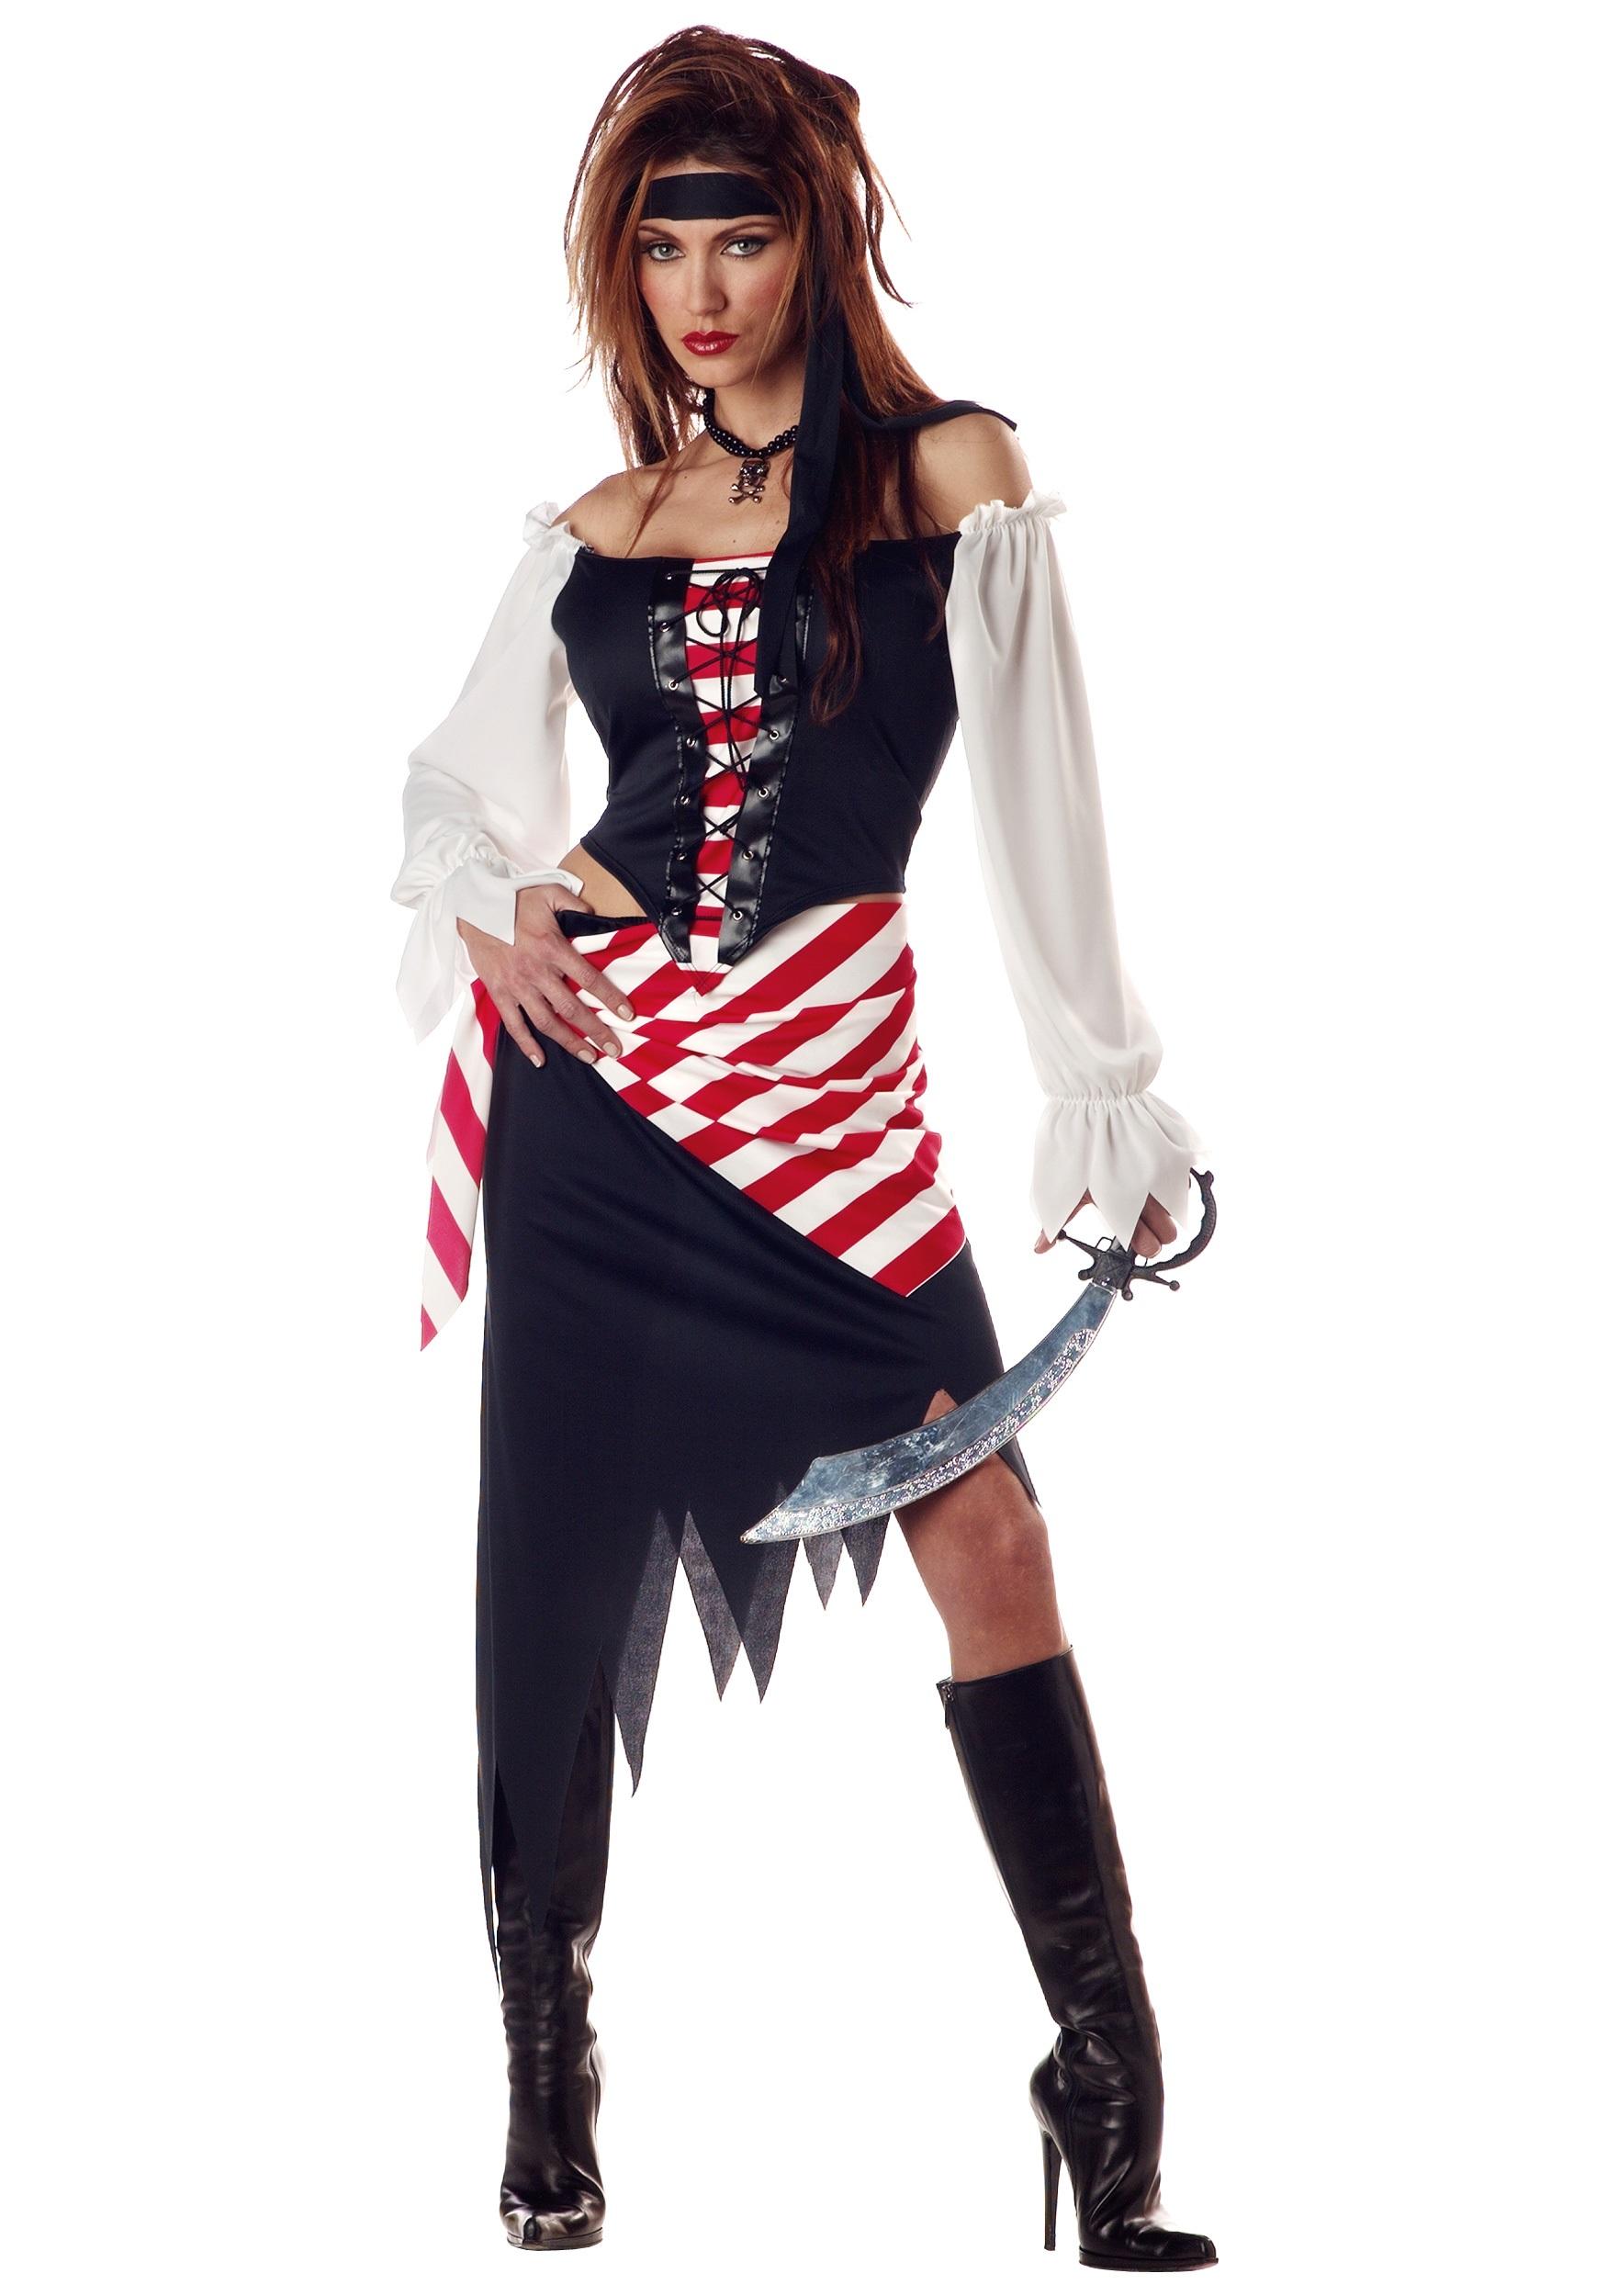 Женский костюм пирата своими руками фото